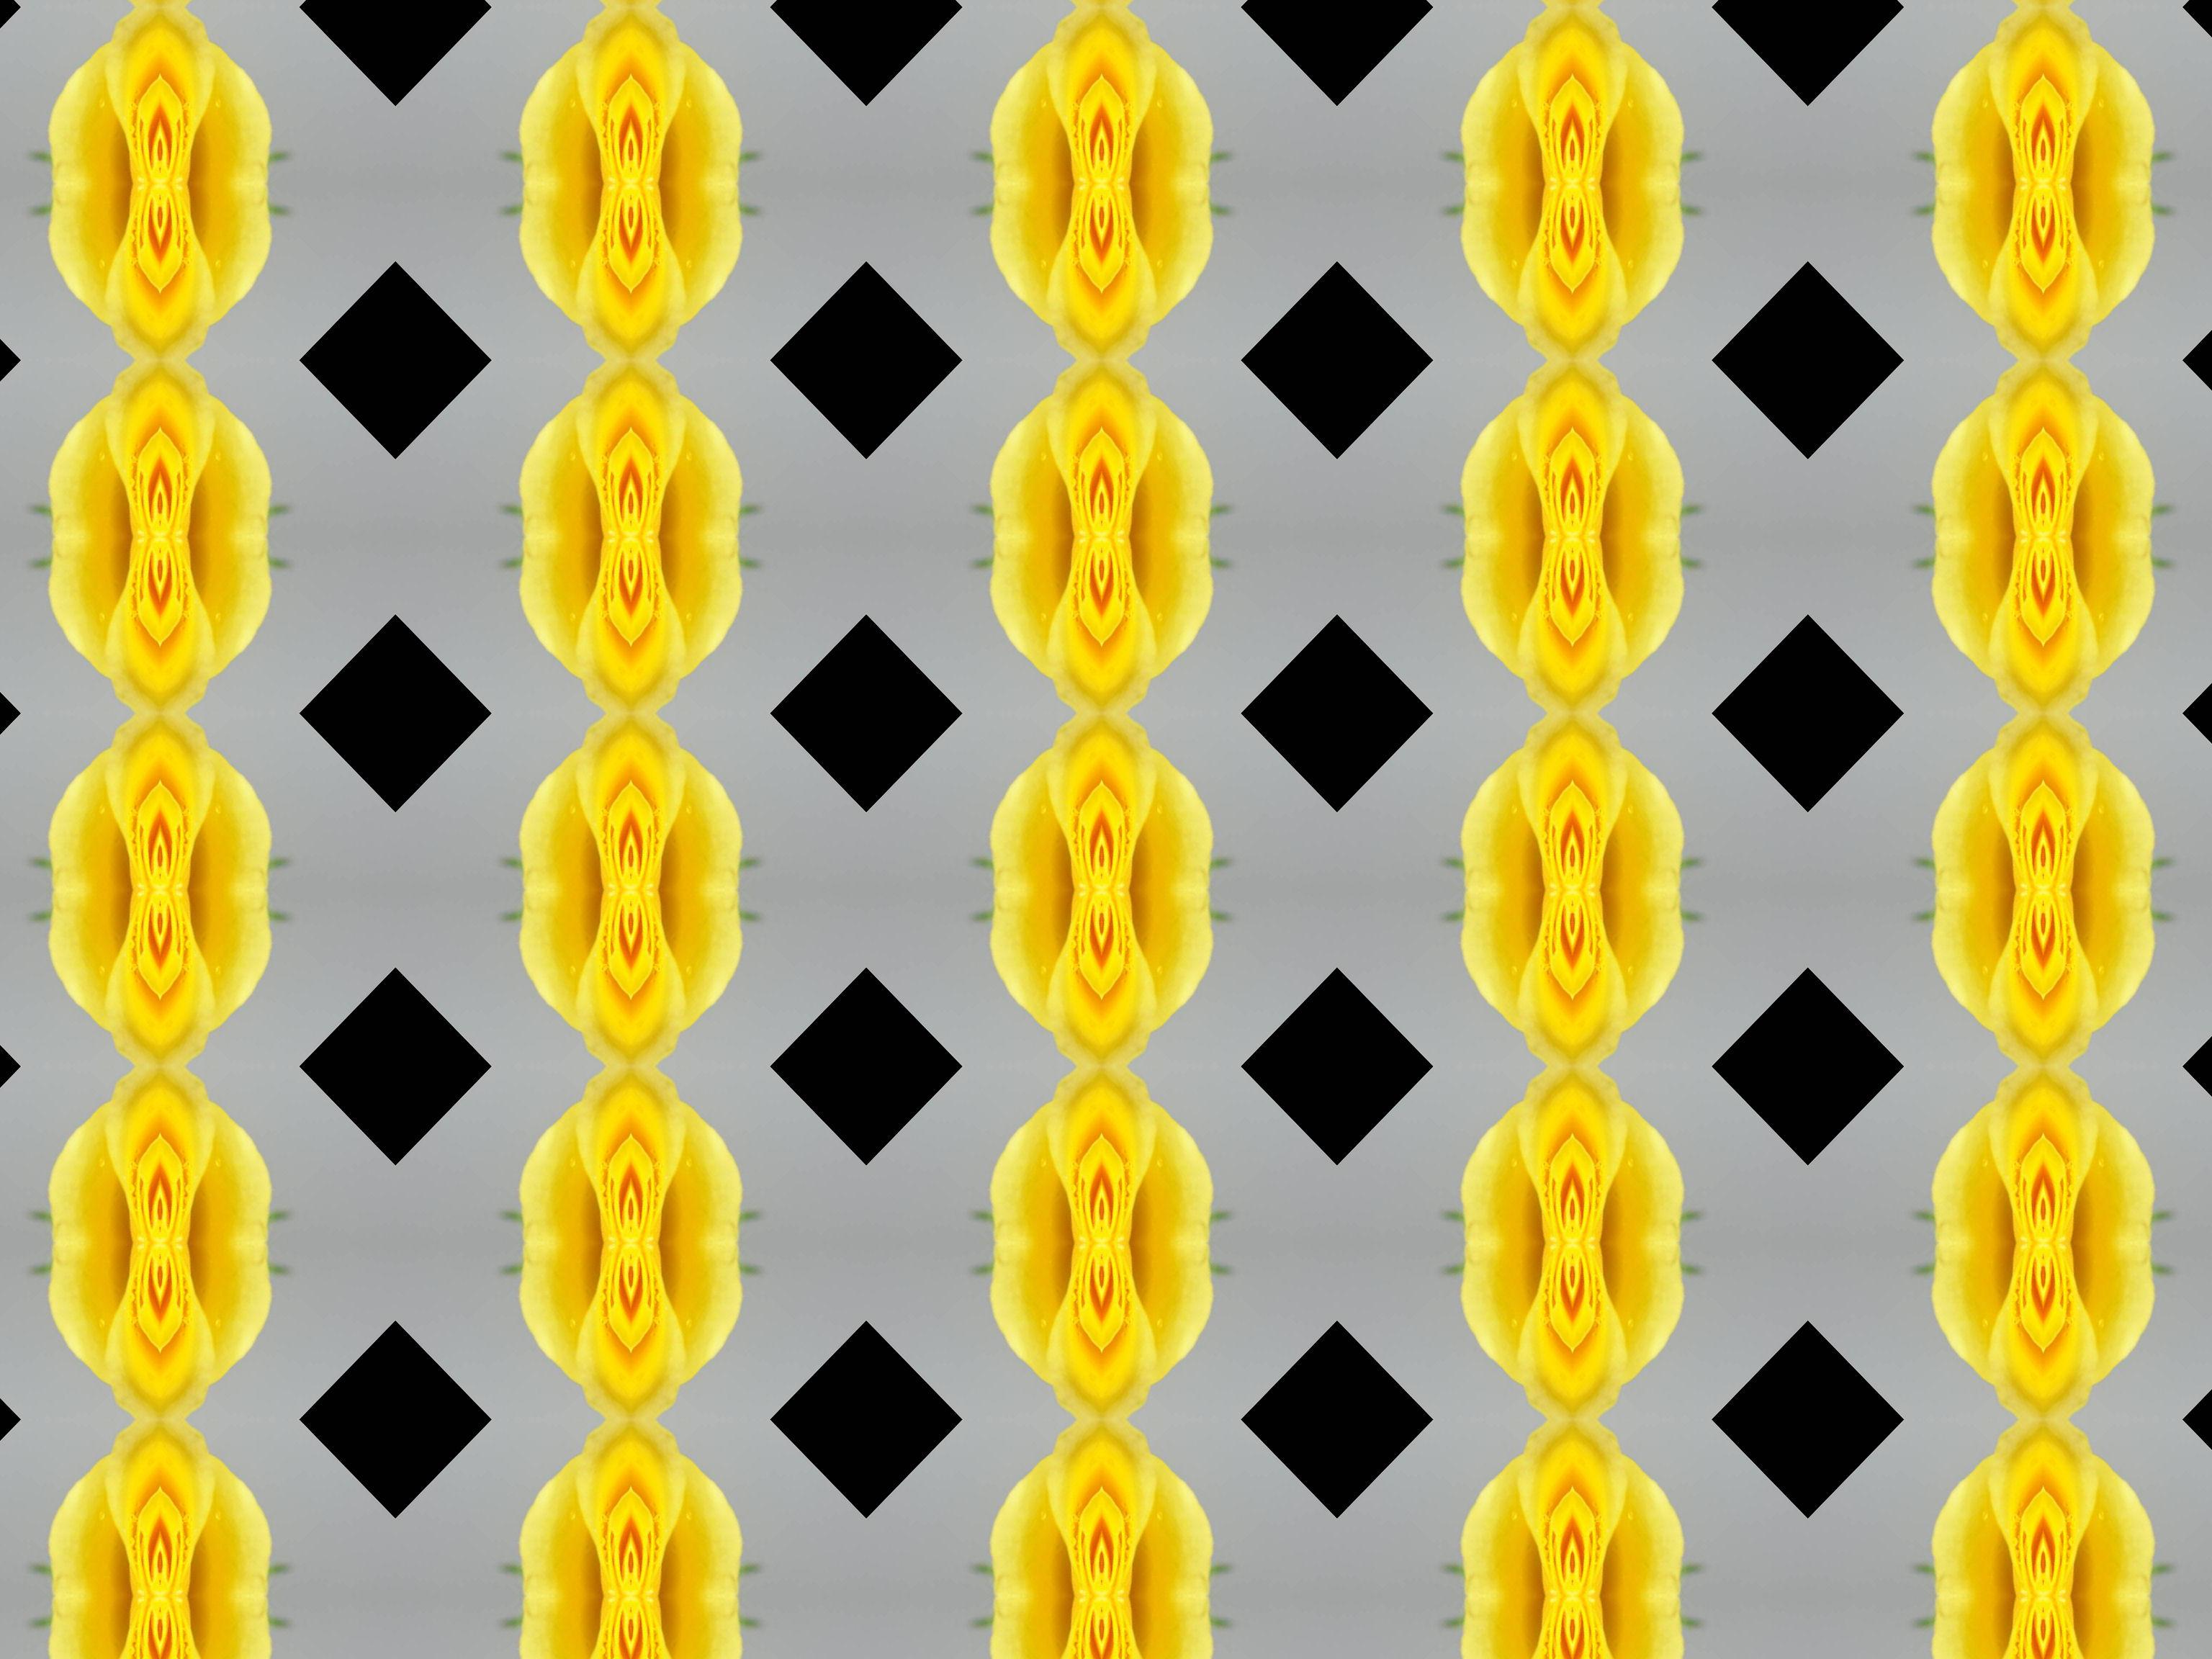 Black and yellow pattern photo